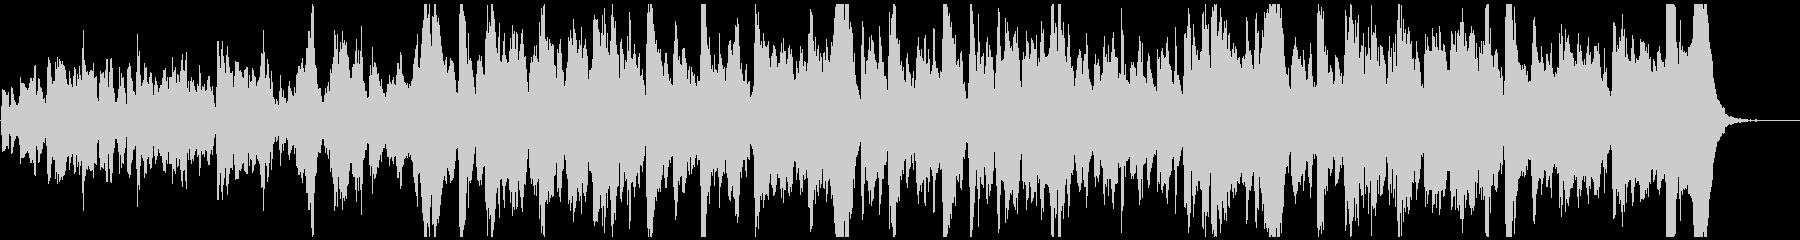 ほのぼのゆったりとしたオーケストラワルツの未再生の波形